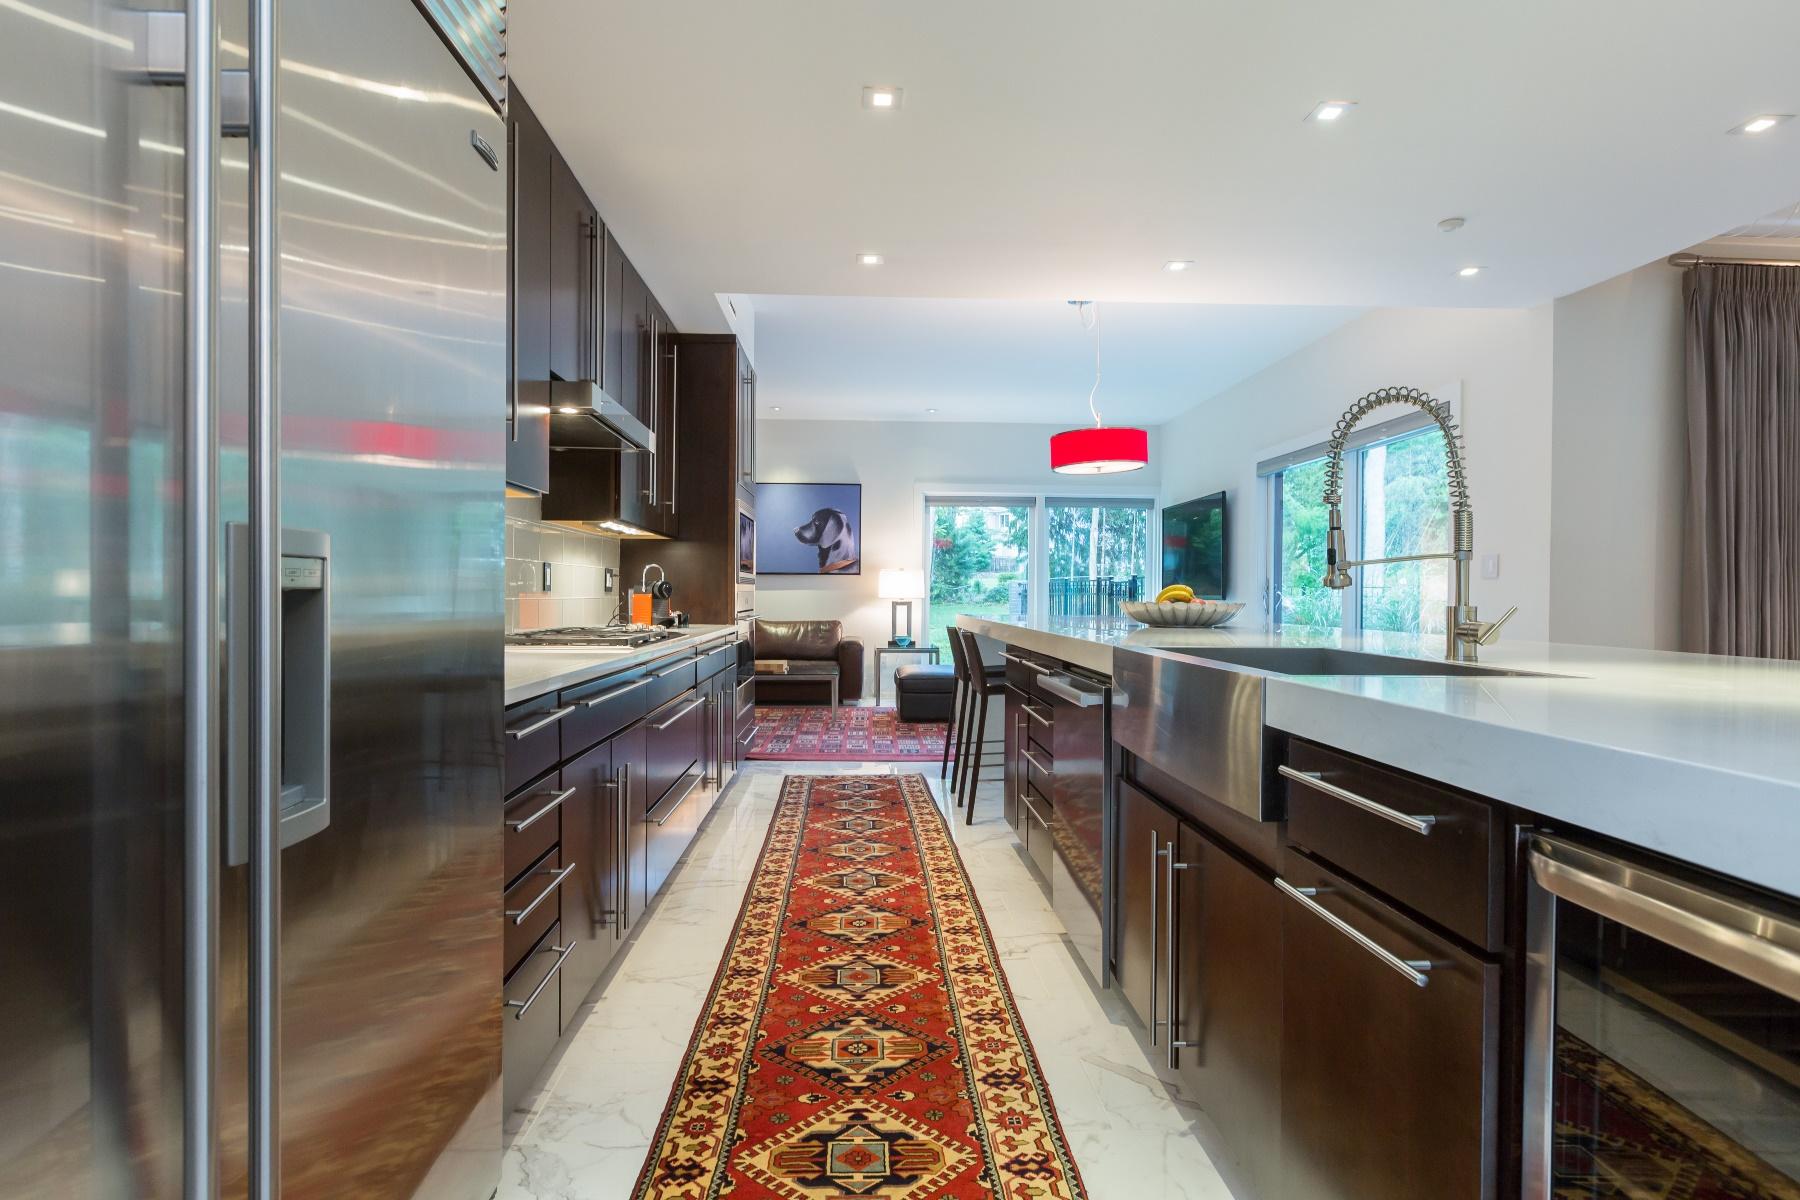 Additional photo for property listing at 6309 Bradley Boulevard, Bethesda 6309 Bradley Blvd Bethesda, Maryland 20817 Stati Uniti